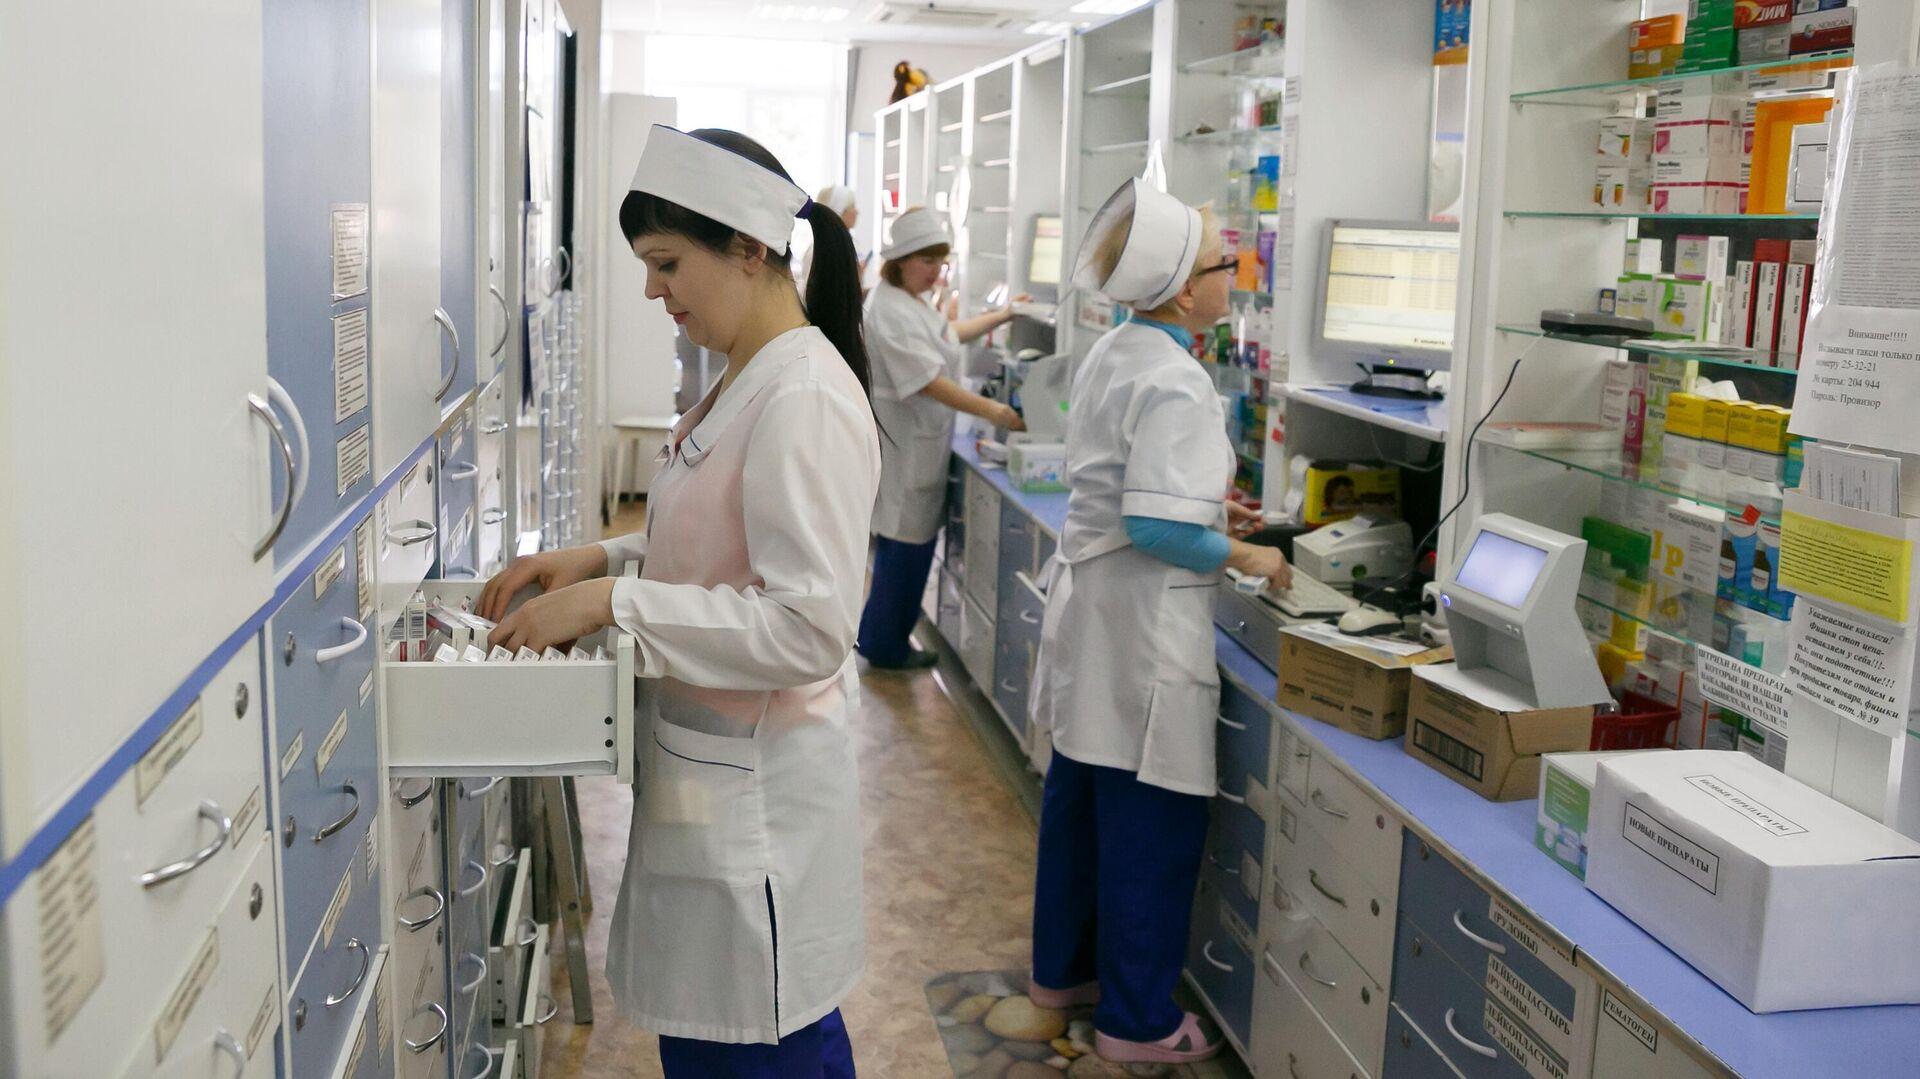 Фармацевты в аптеке - РИА Новости, 1920, 30.01.2020